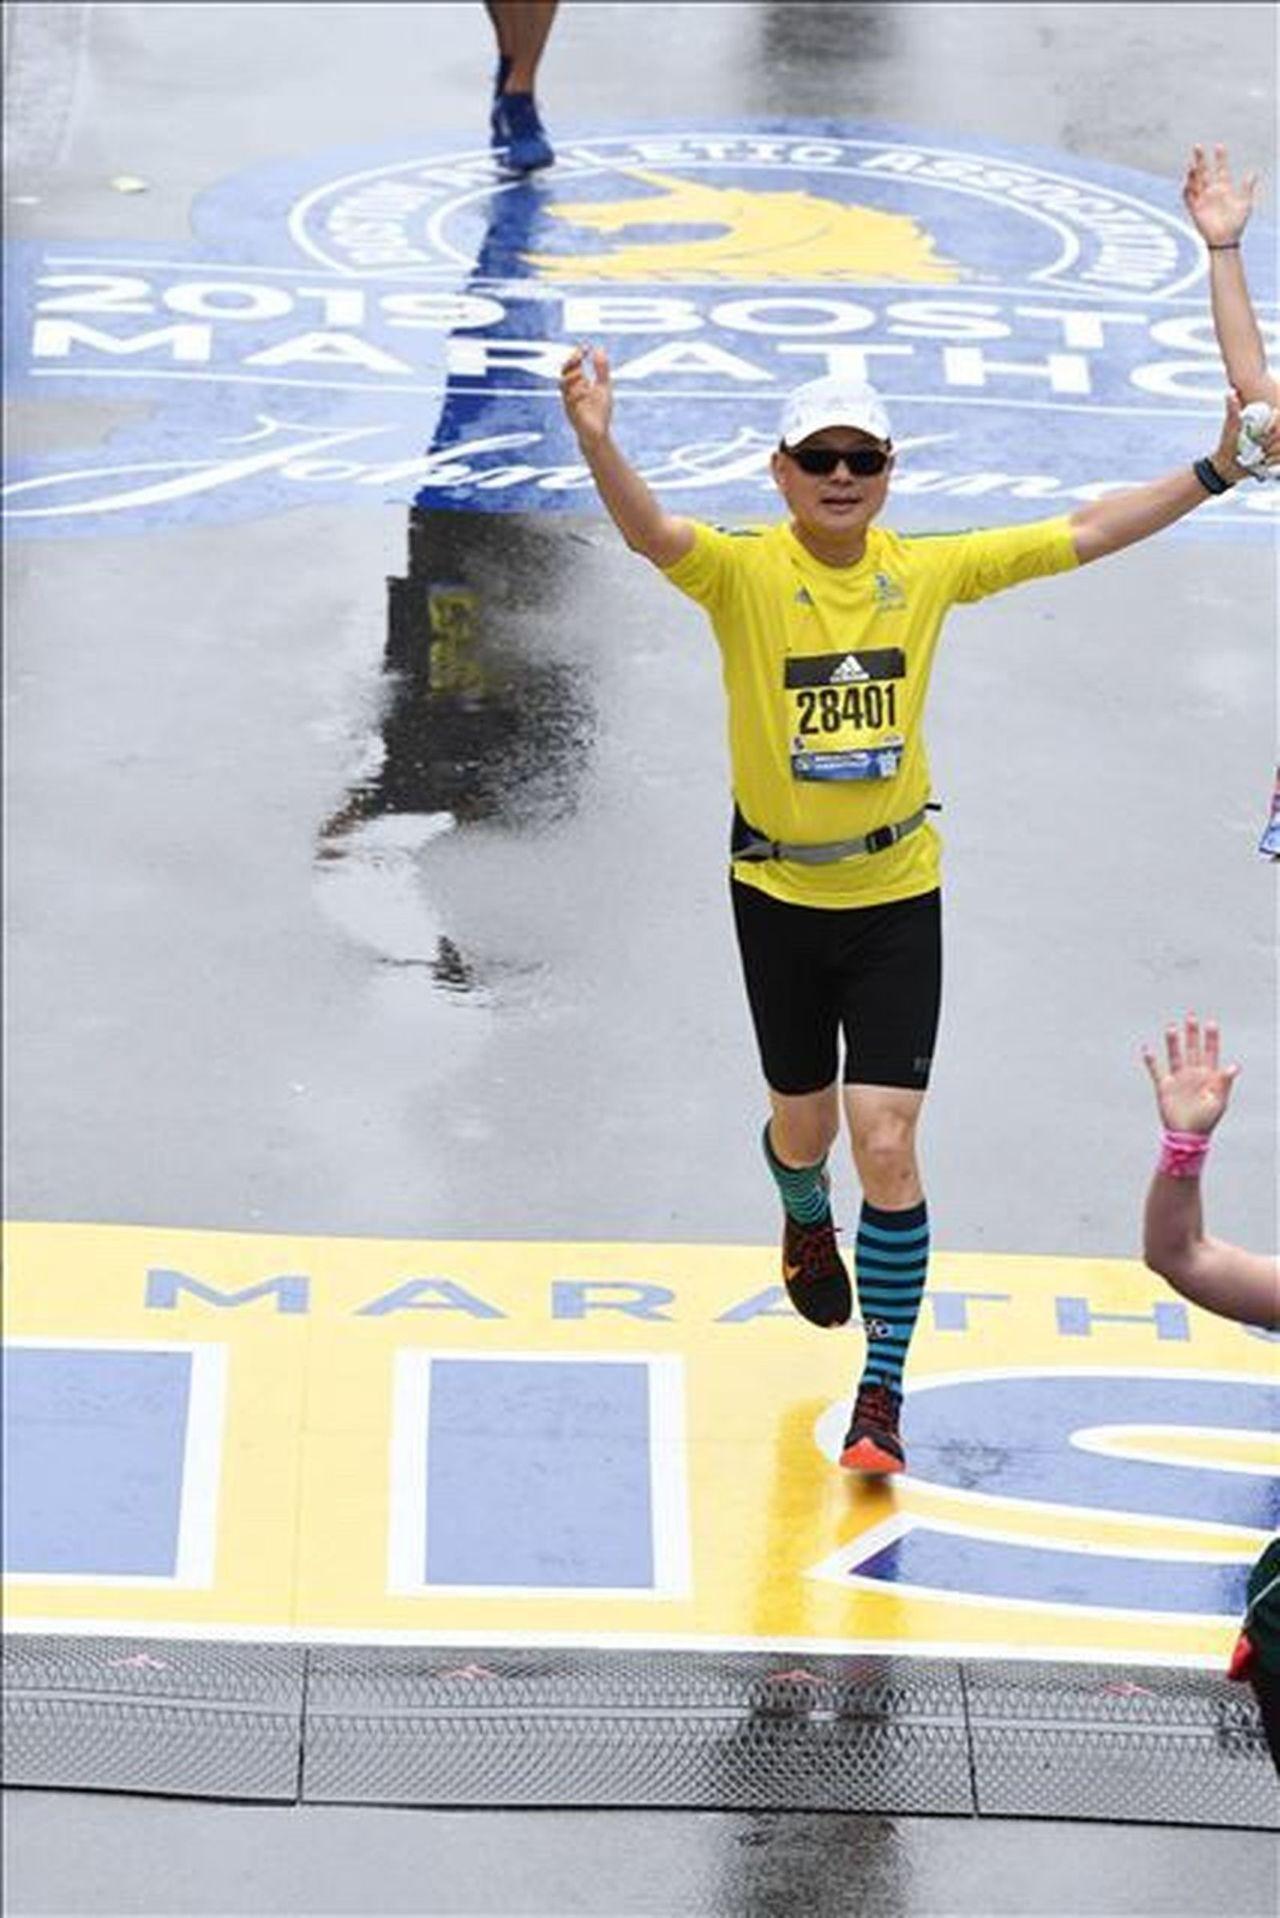 第123屆波士頓馬拉松賽,由桃園市體育會馬拉松委員會主委張紅淇,率領的台灣團隊,...